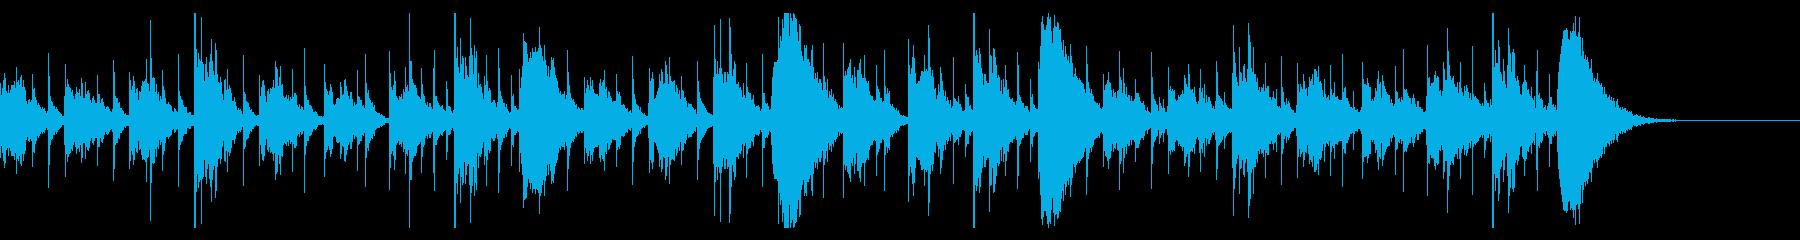 和風テイストのホラー系テクスチャの再生済みの波形